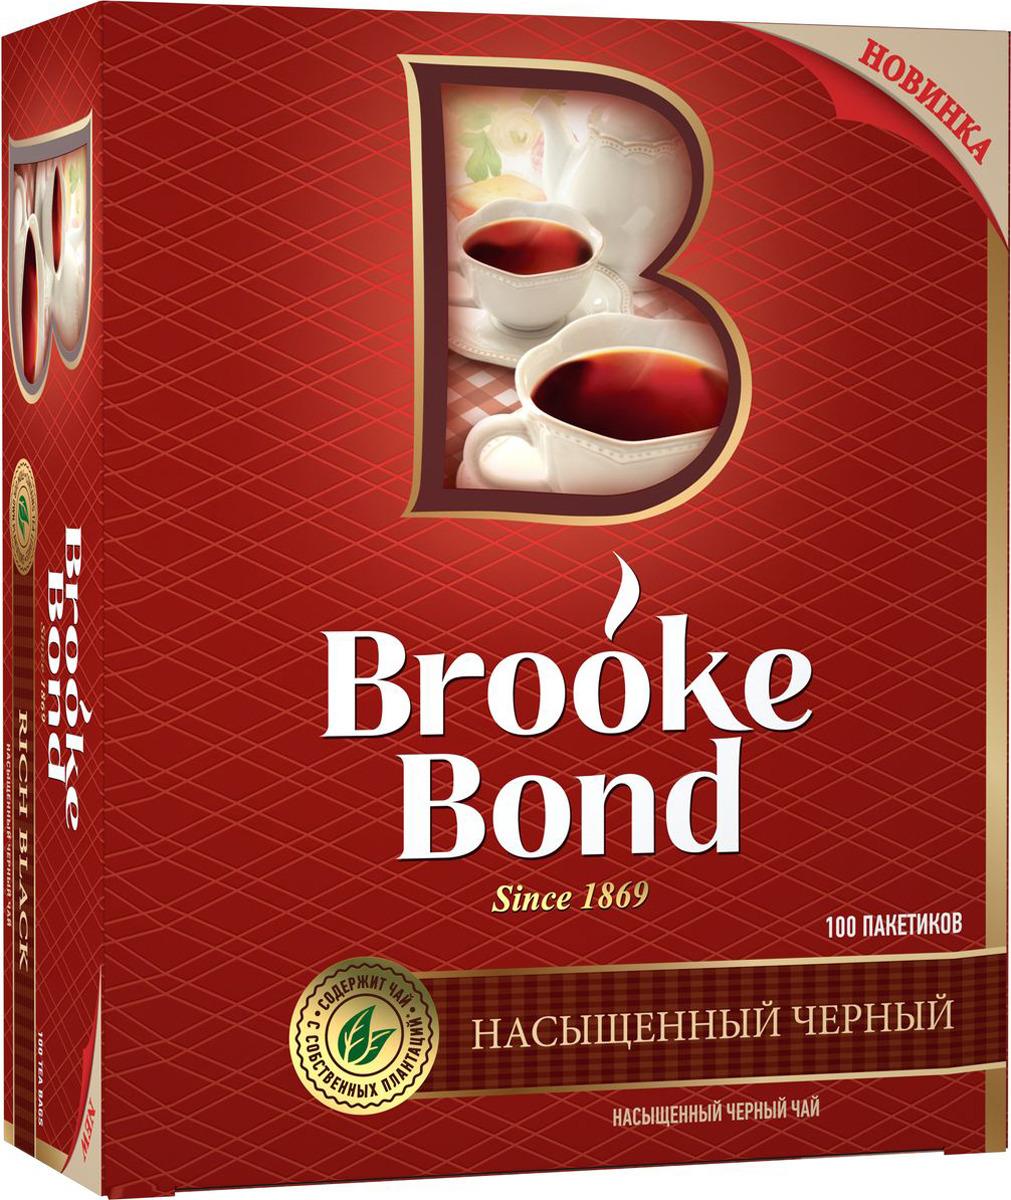 Brooke Bond Насыщенный черный чай в пакетиках, 100 шт quelle ashley brooke 154146 page 7